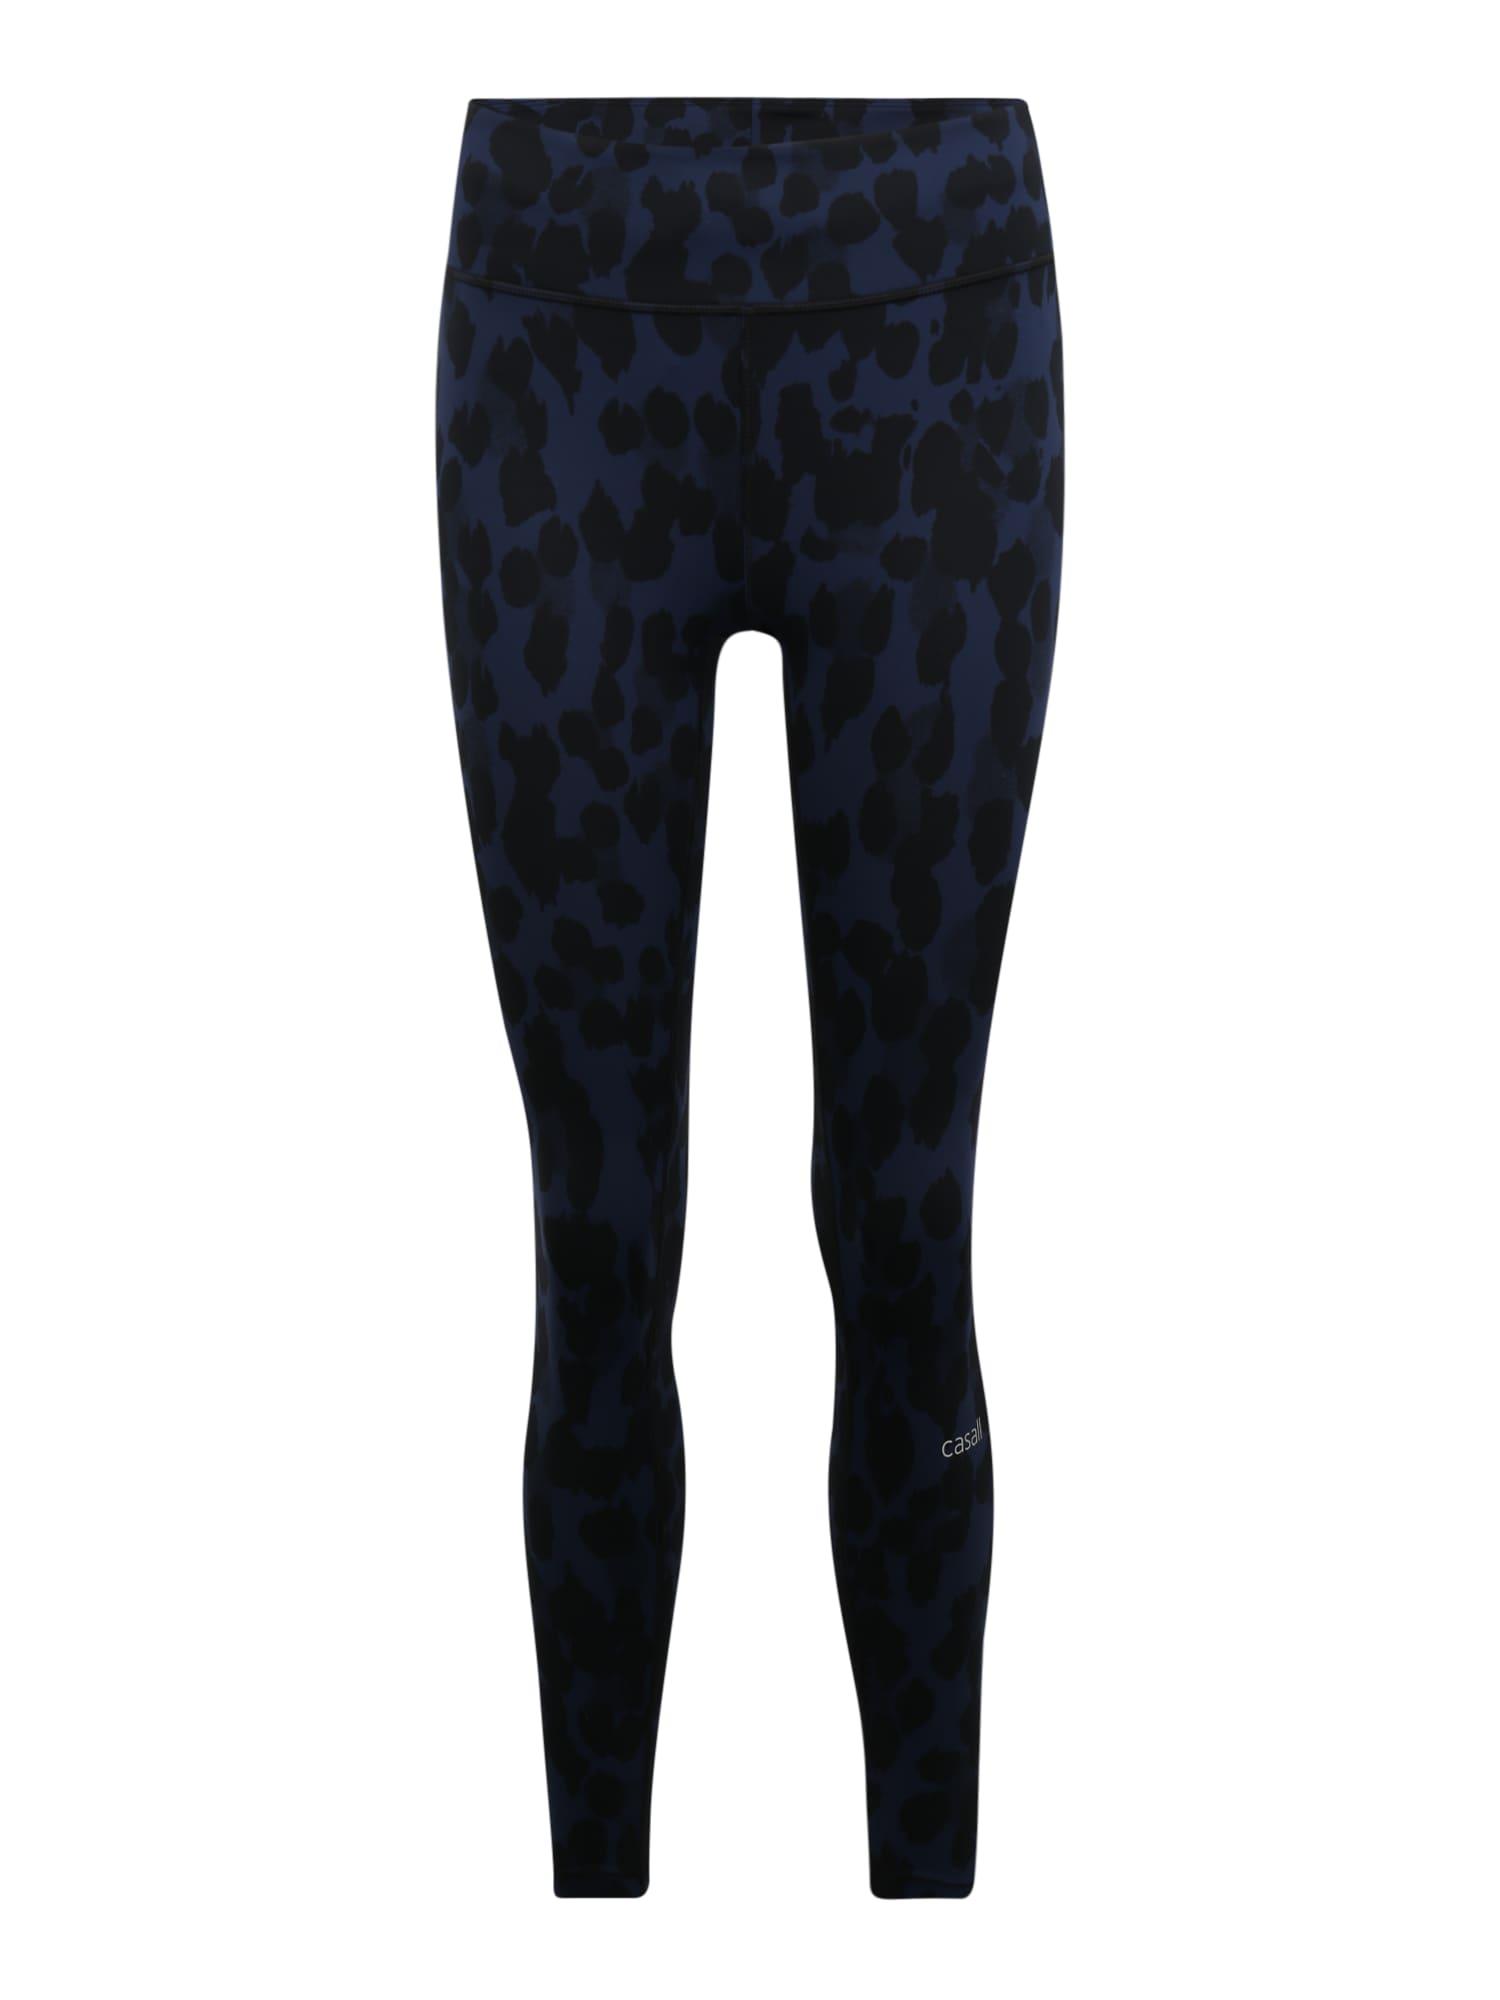 Casall Sportinės kelnės 'Iconic Pure ' juoda / tamsiai mėlyna